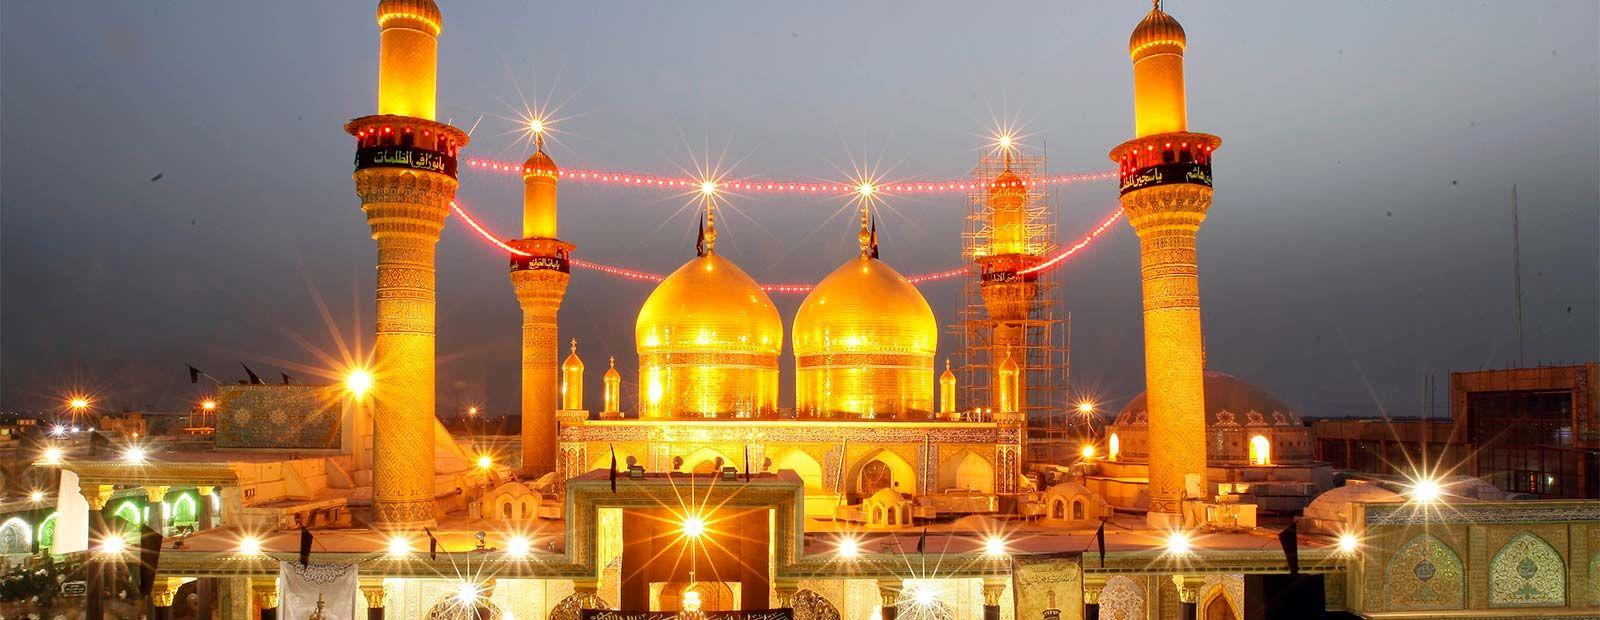 ثبت نام عتبات برای عید نوروز